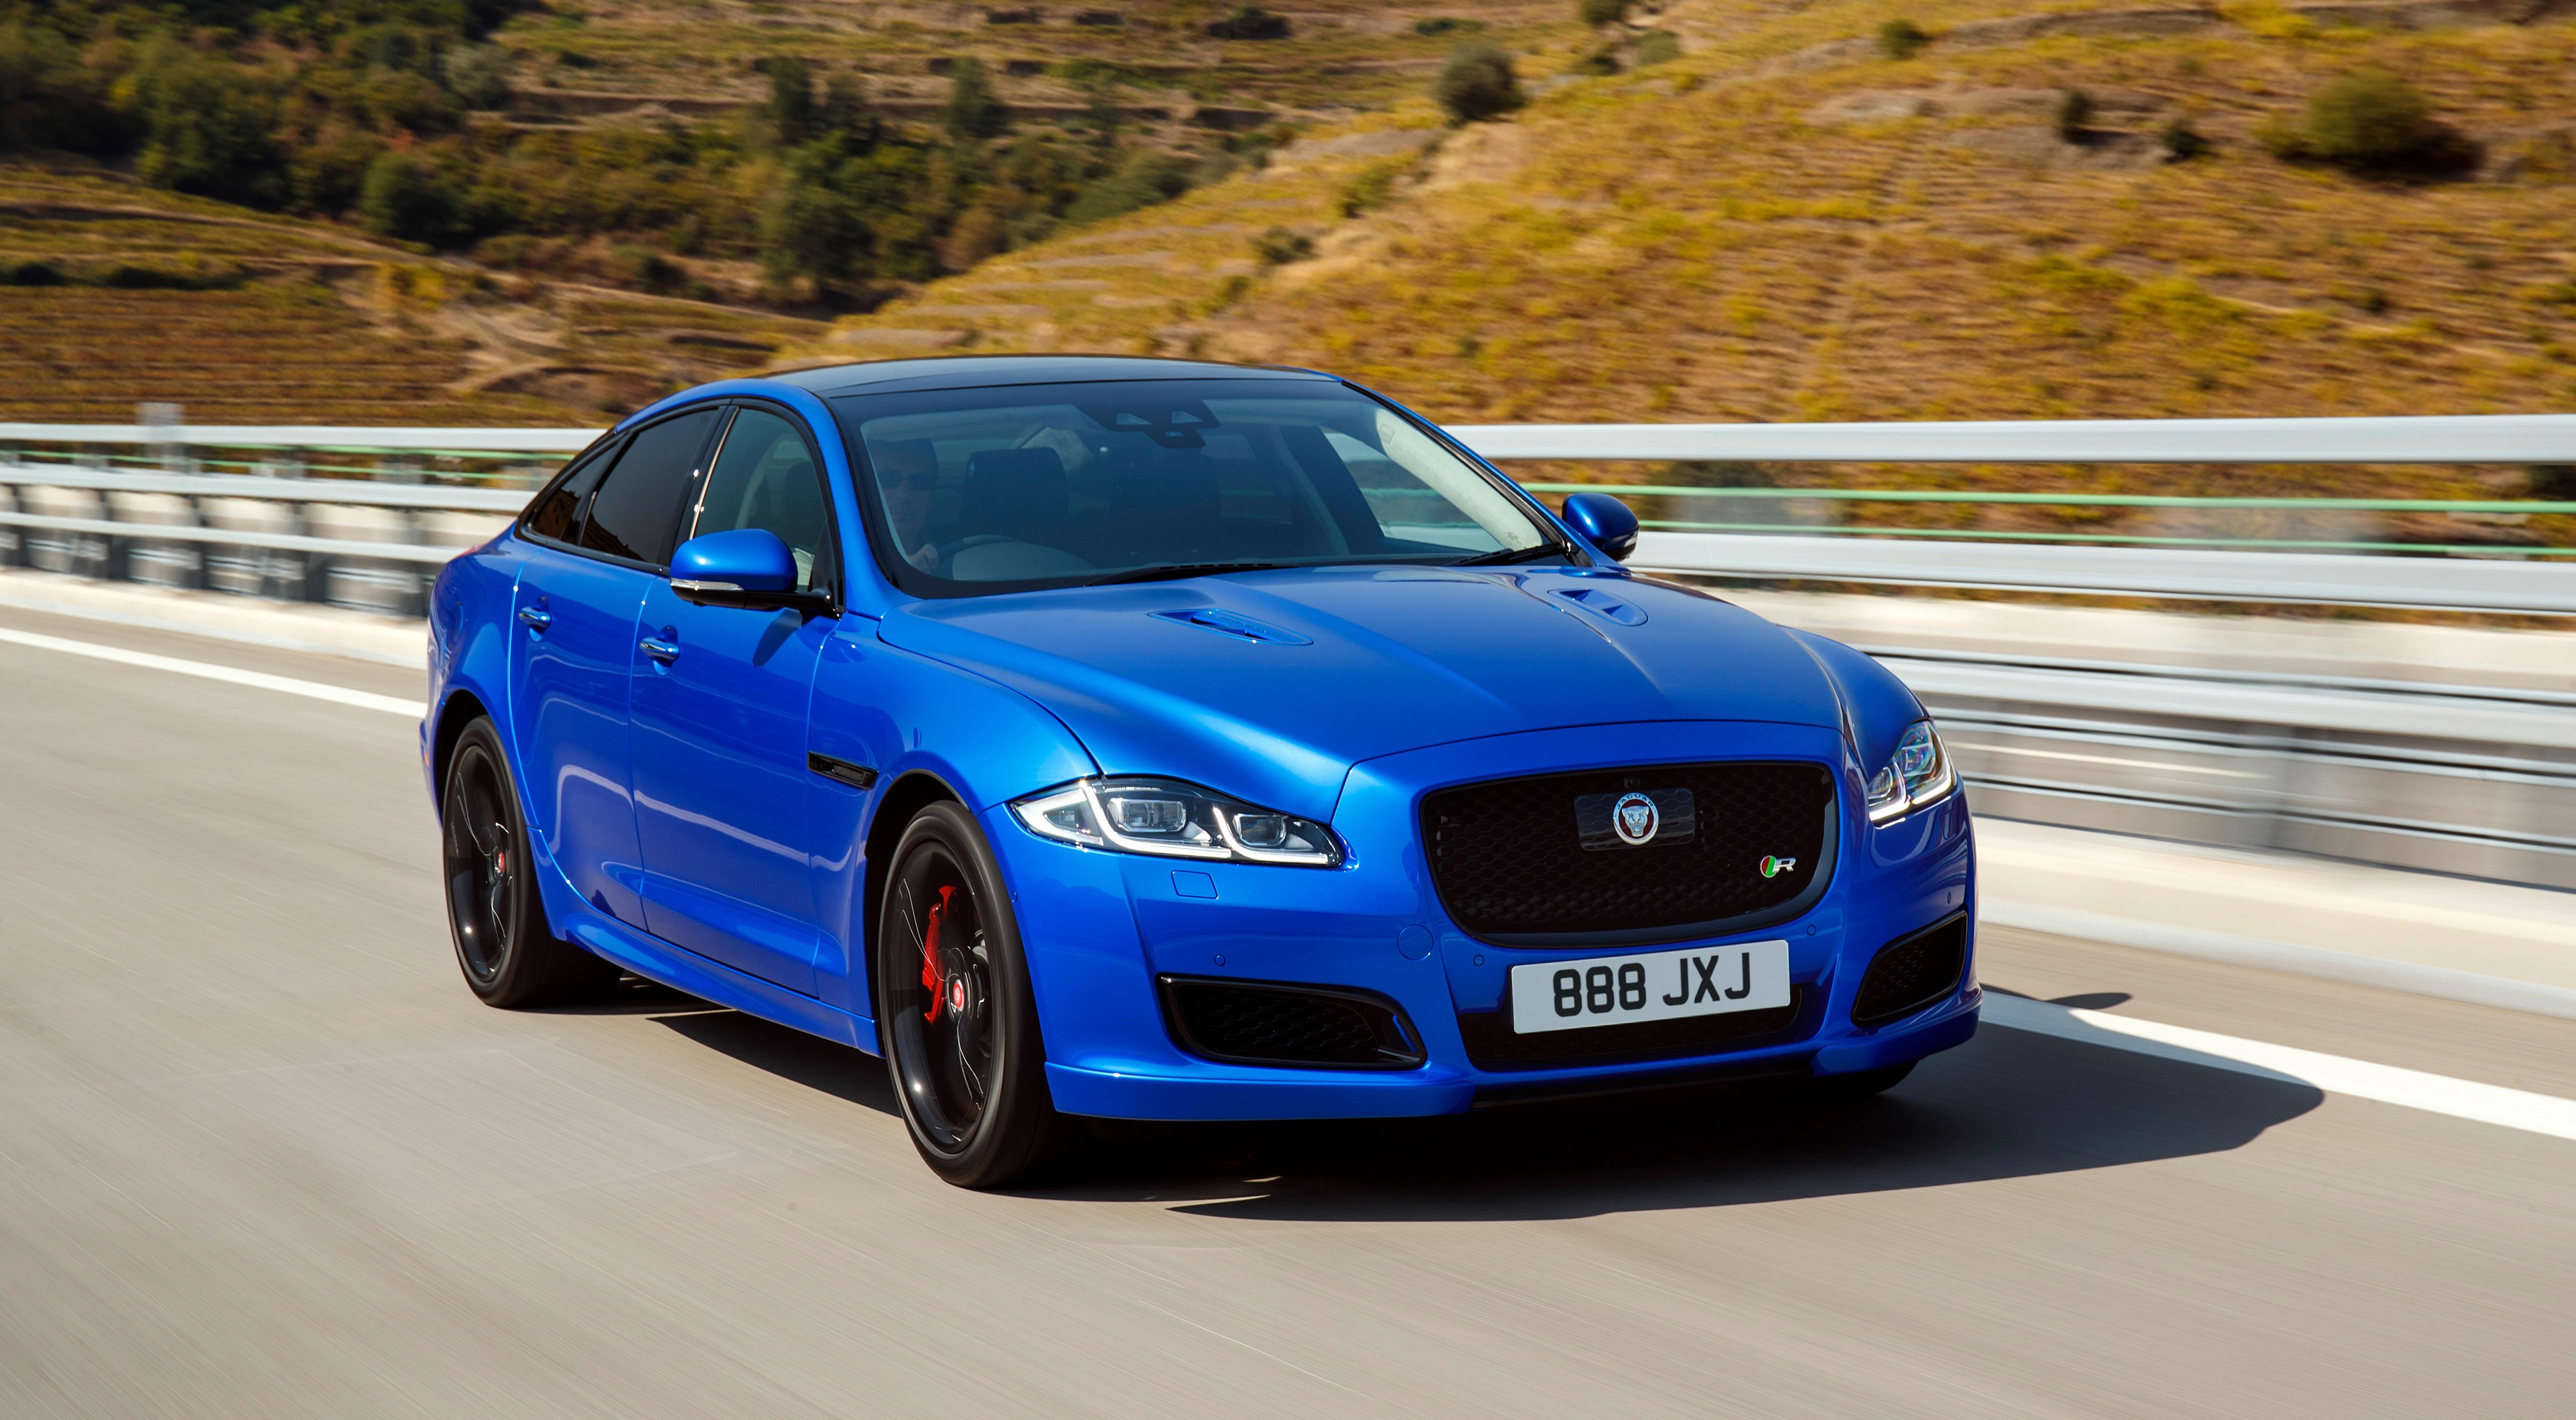 Фотография Ягуар боке Седан синяя скорость машина 5120x2823 Jaguar Размытый фон Синий синие синих едет едущий едущая Движение авто машины Автомобили автомобиль